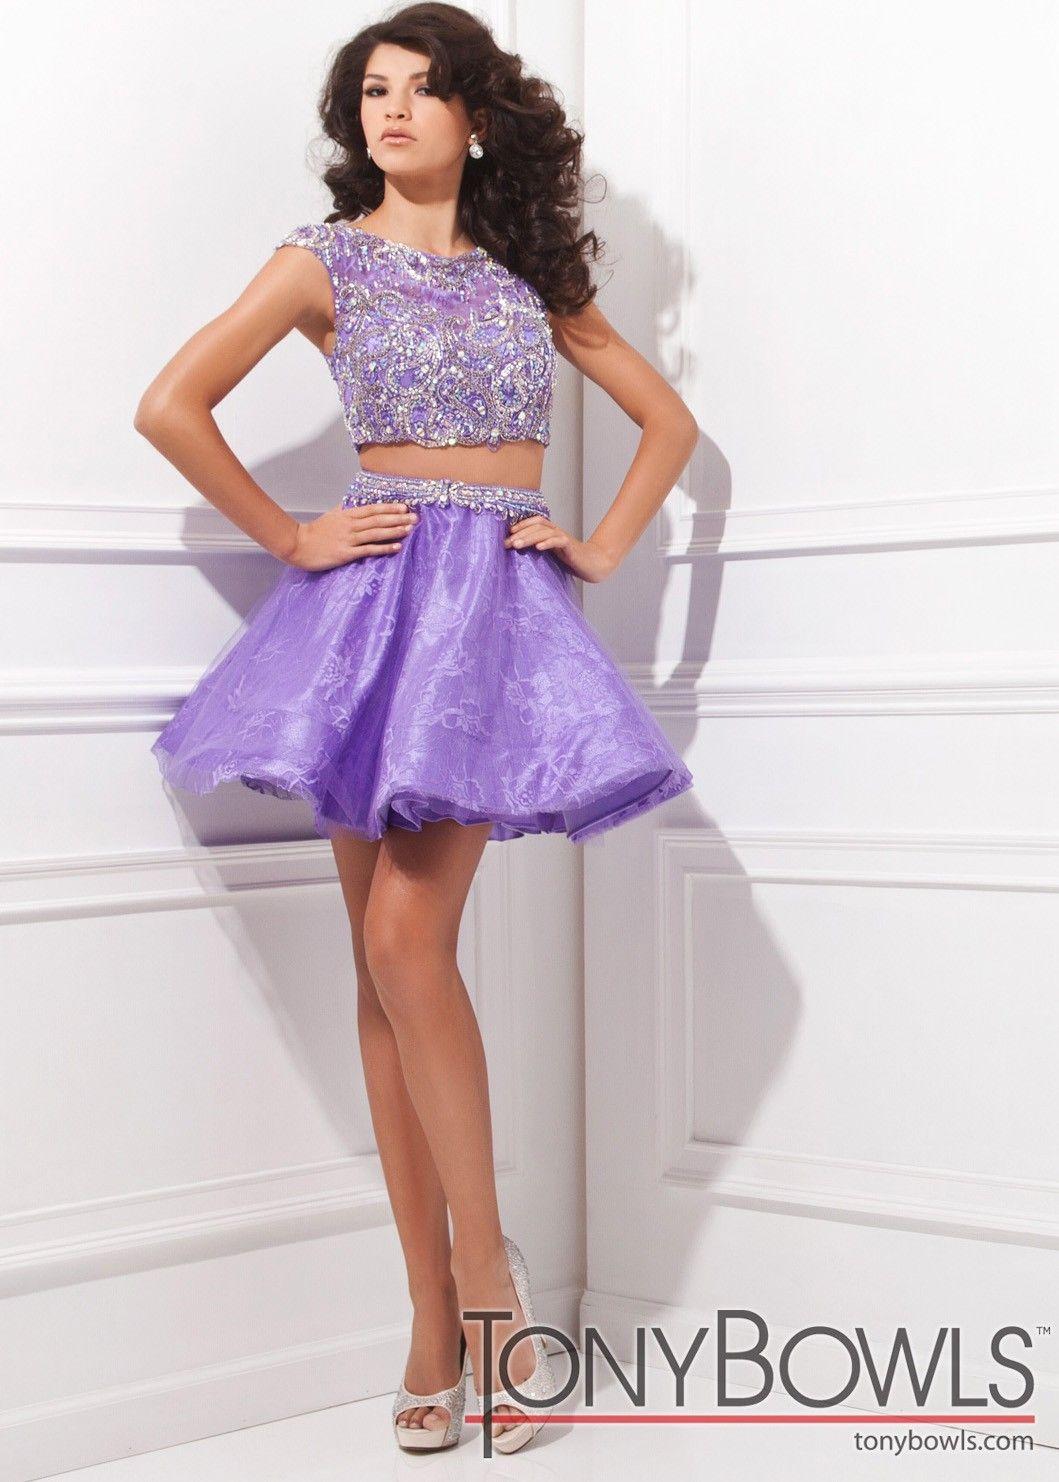 bc70842eed Tony Bowls Shorts TS11485 Lace 2-Piece Dress